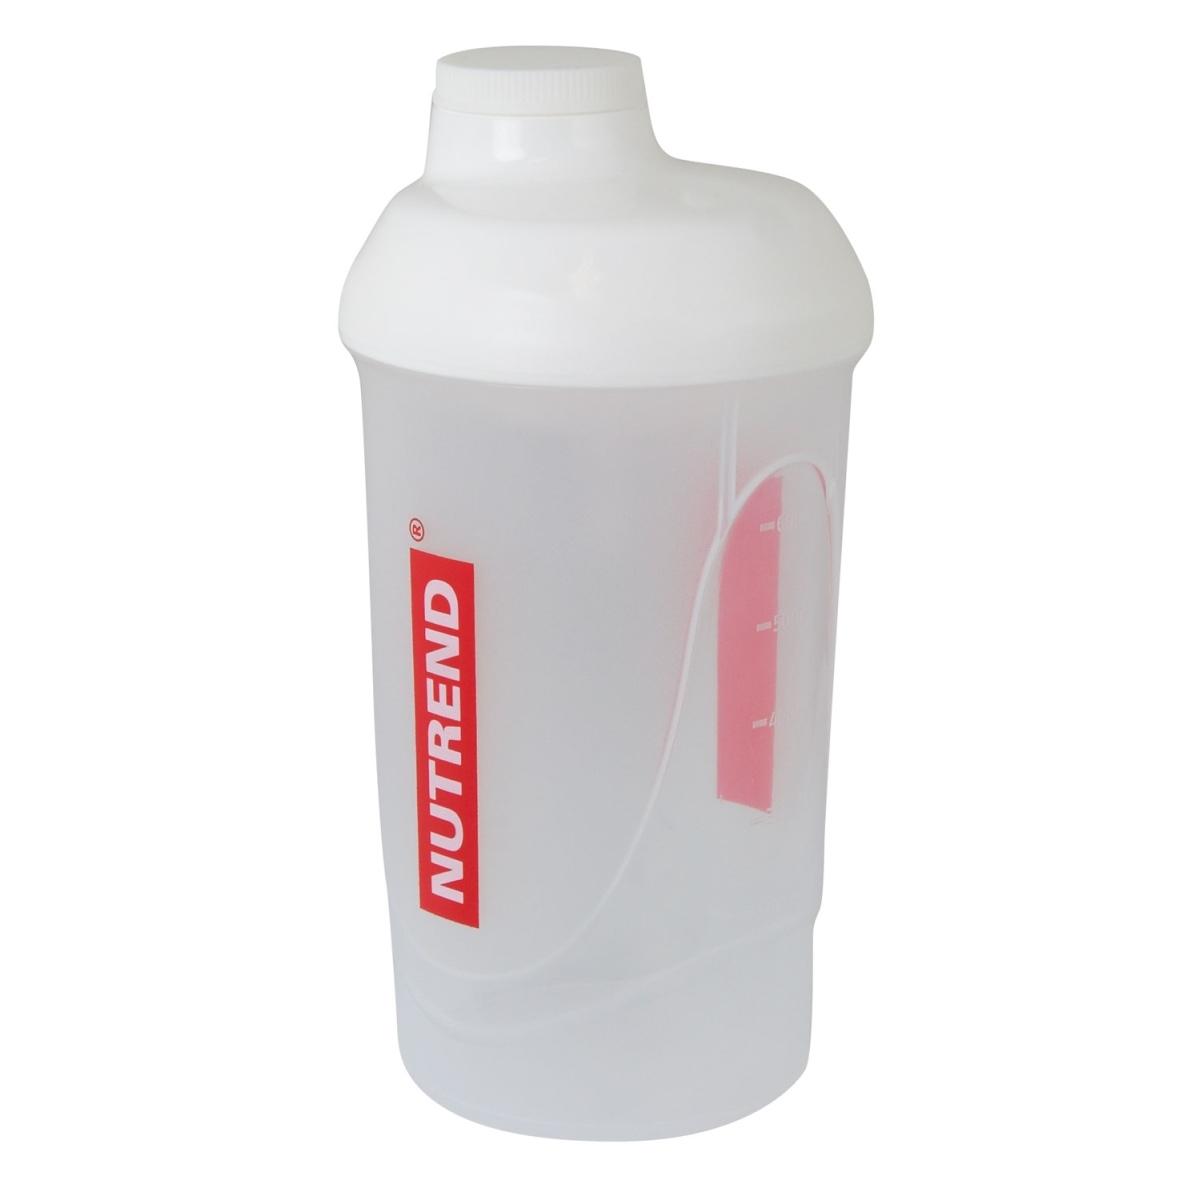 Láhev-šejkr NUTREND 0,6 l, průhledný (Transparentní šejkr NUTREND s objemem 0,6 litru pro přípravu koktejlů)